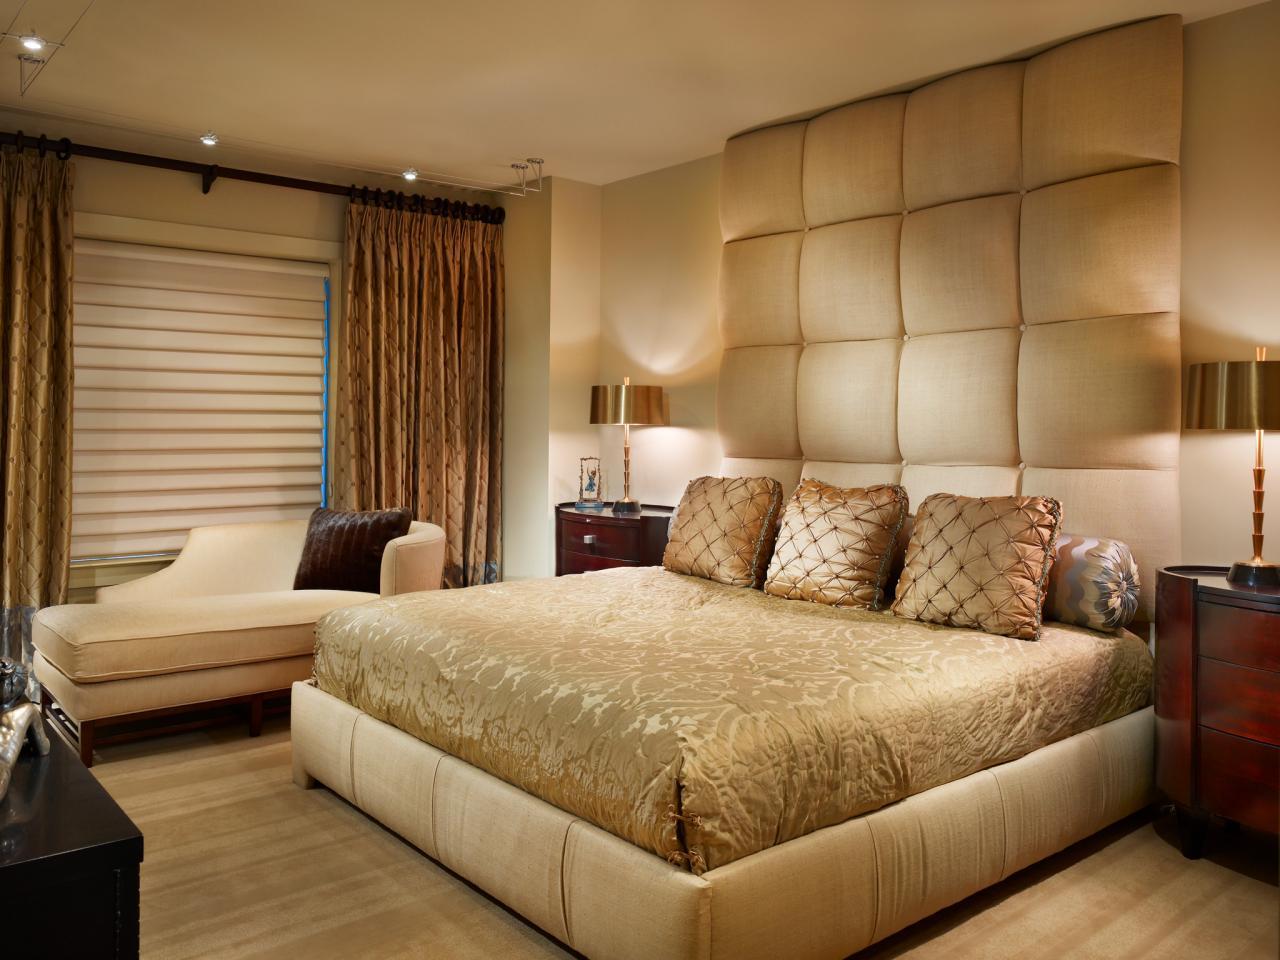 bedroom paint color ideas stunning bedroom painting ideas  jpeg